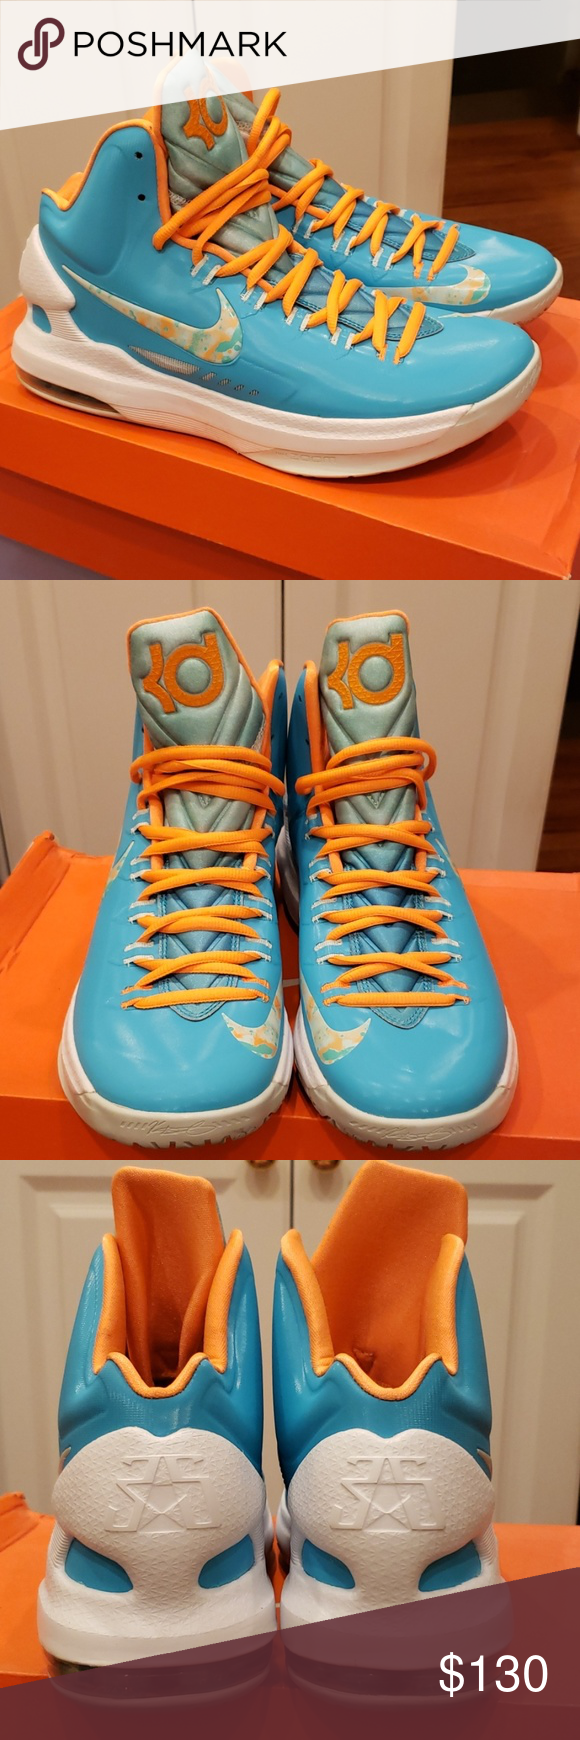 """Nike KD V """"Easter"""" Nike KD V in """"Easter"""" colorway. Size 9 ..."""